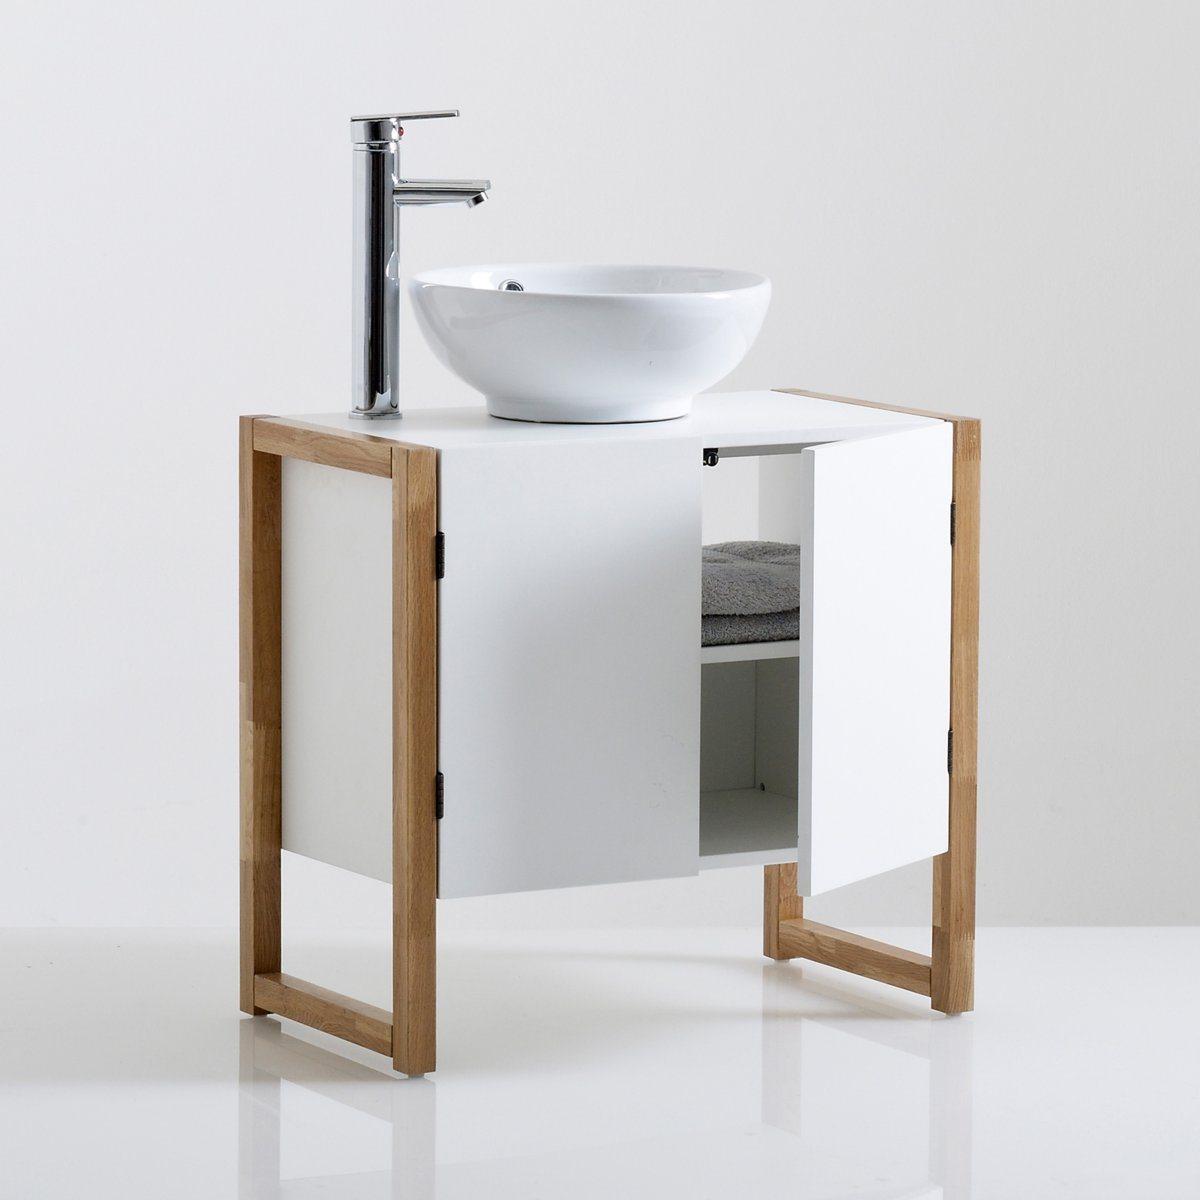 Meubles, déco Salle de bain Meuble de salle de bain